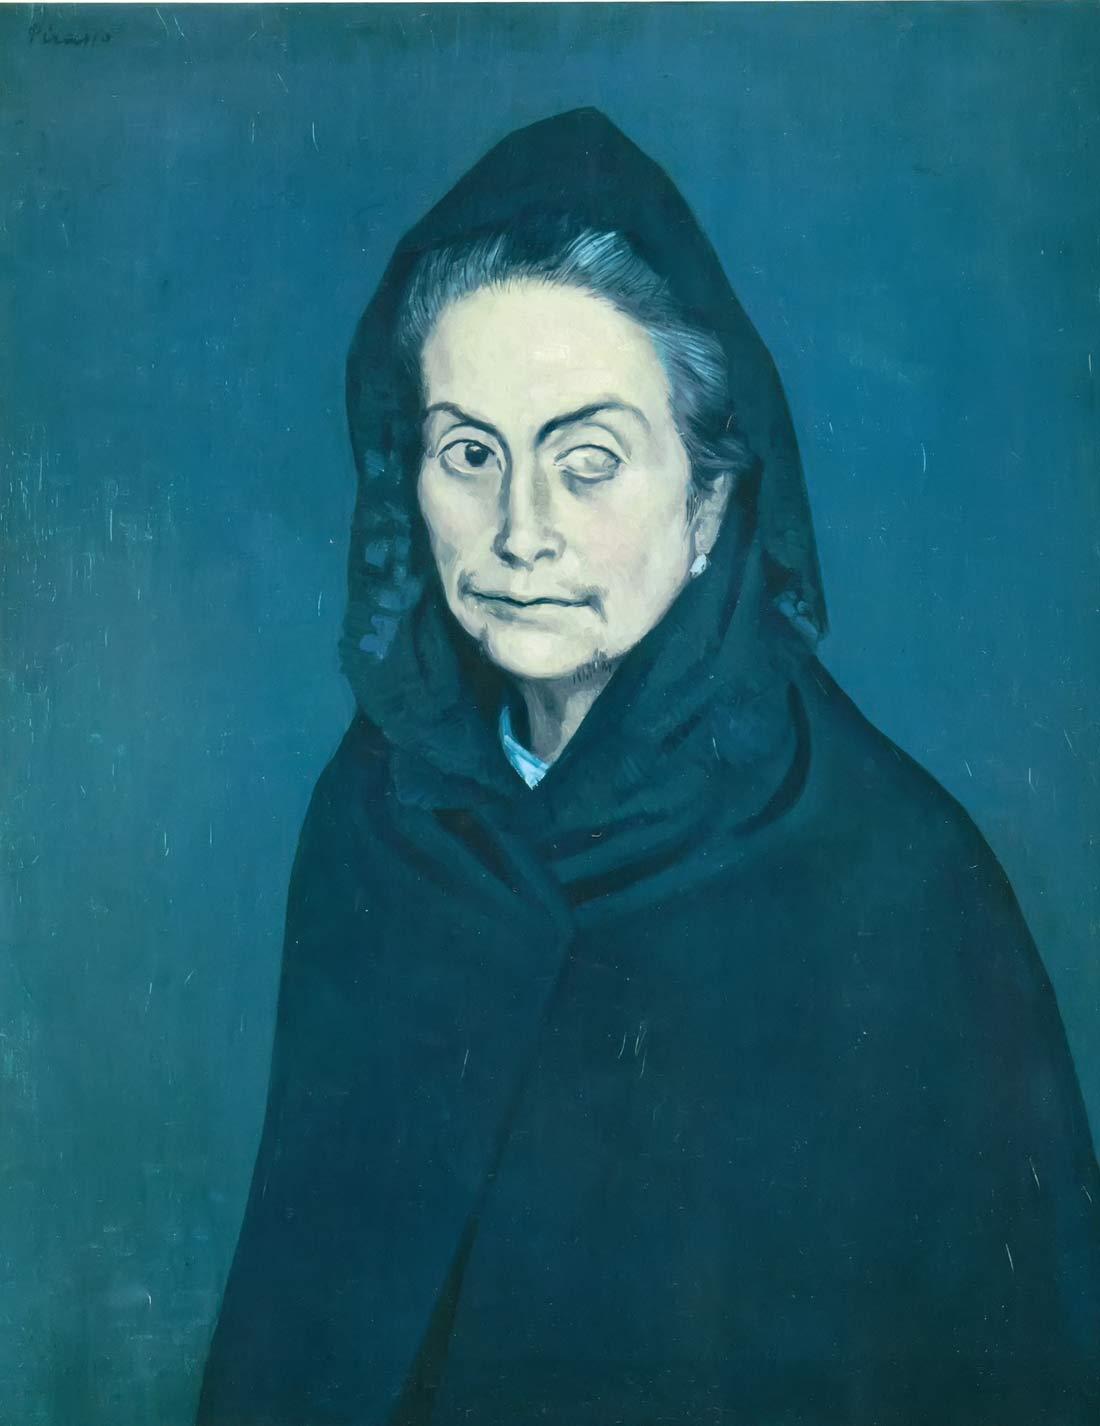 Le Celestine Pablo Picasso